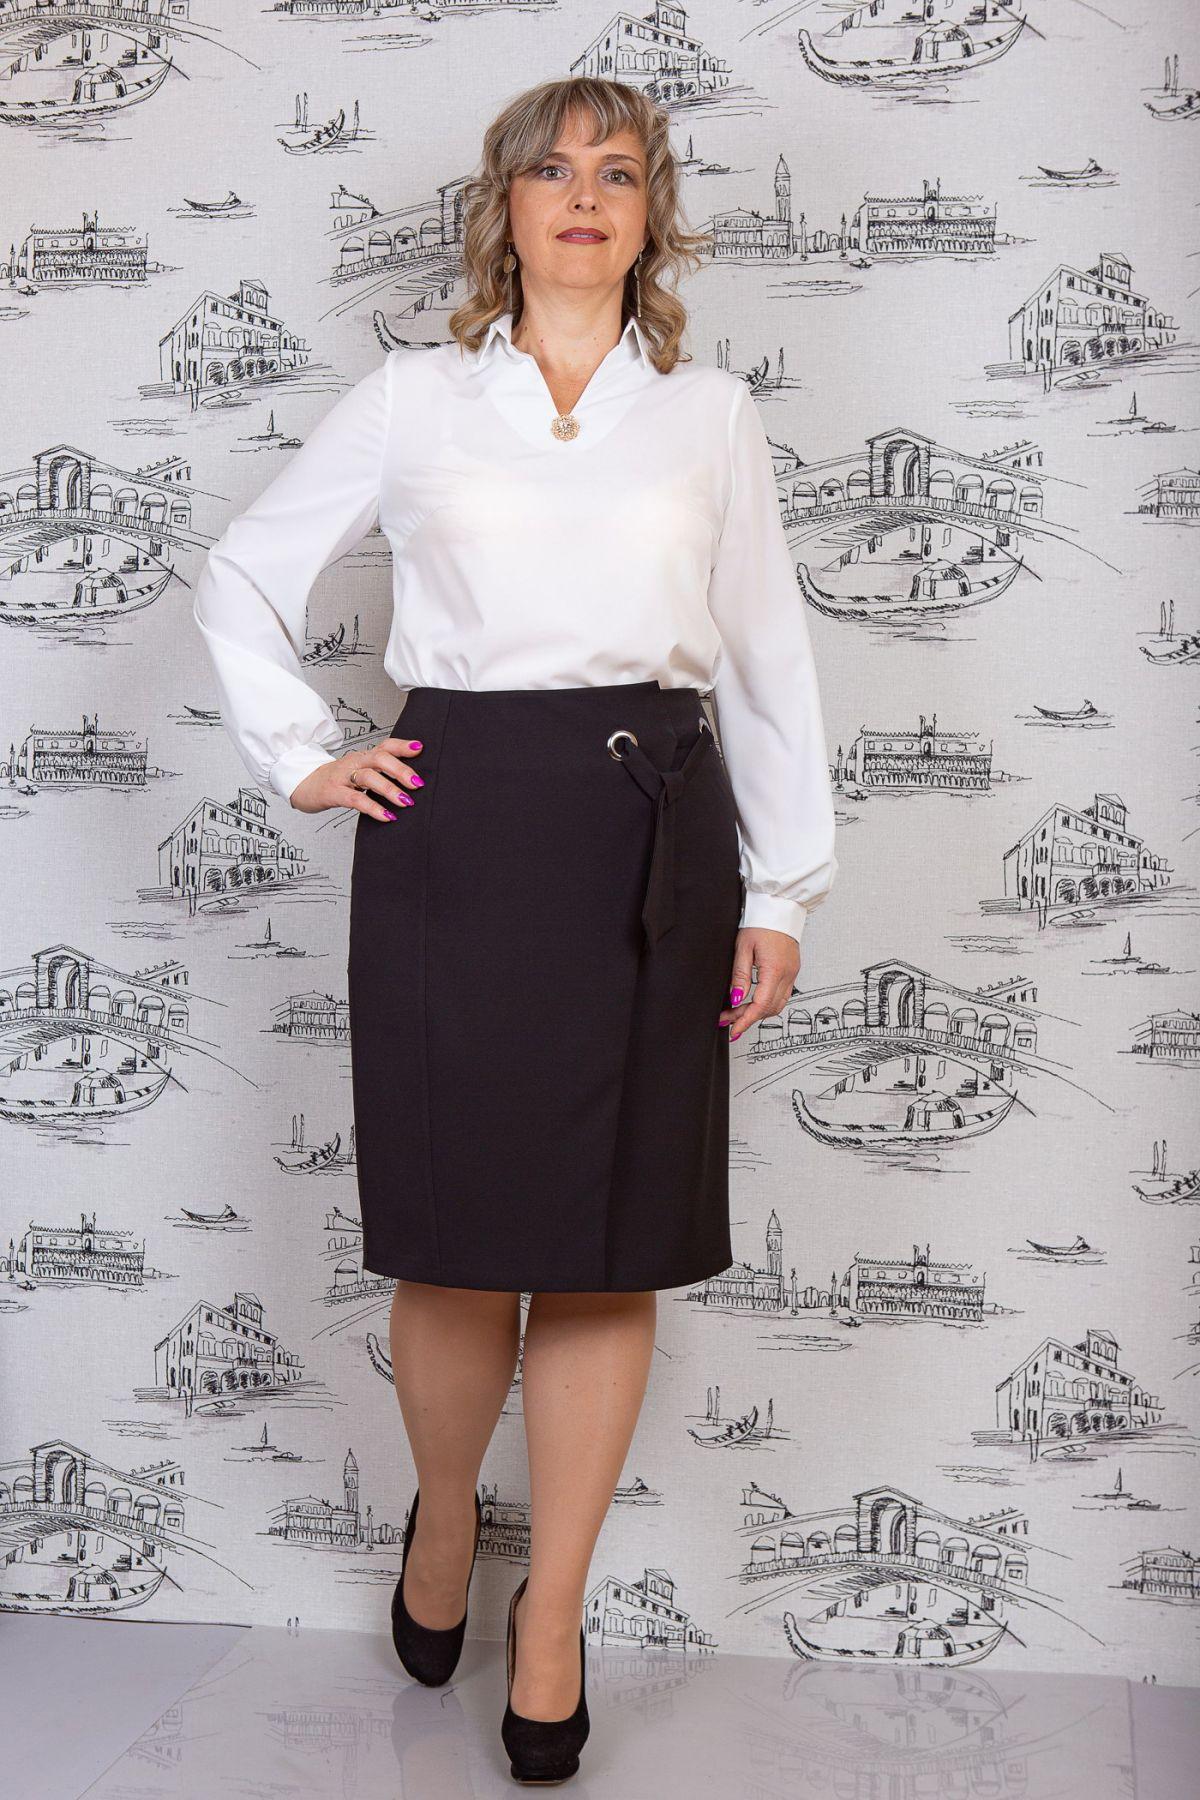 f591d519100 Женская одежда оптом от производителя по низким ценам. Швейная ...